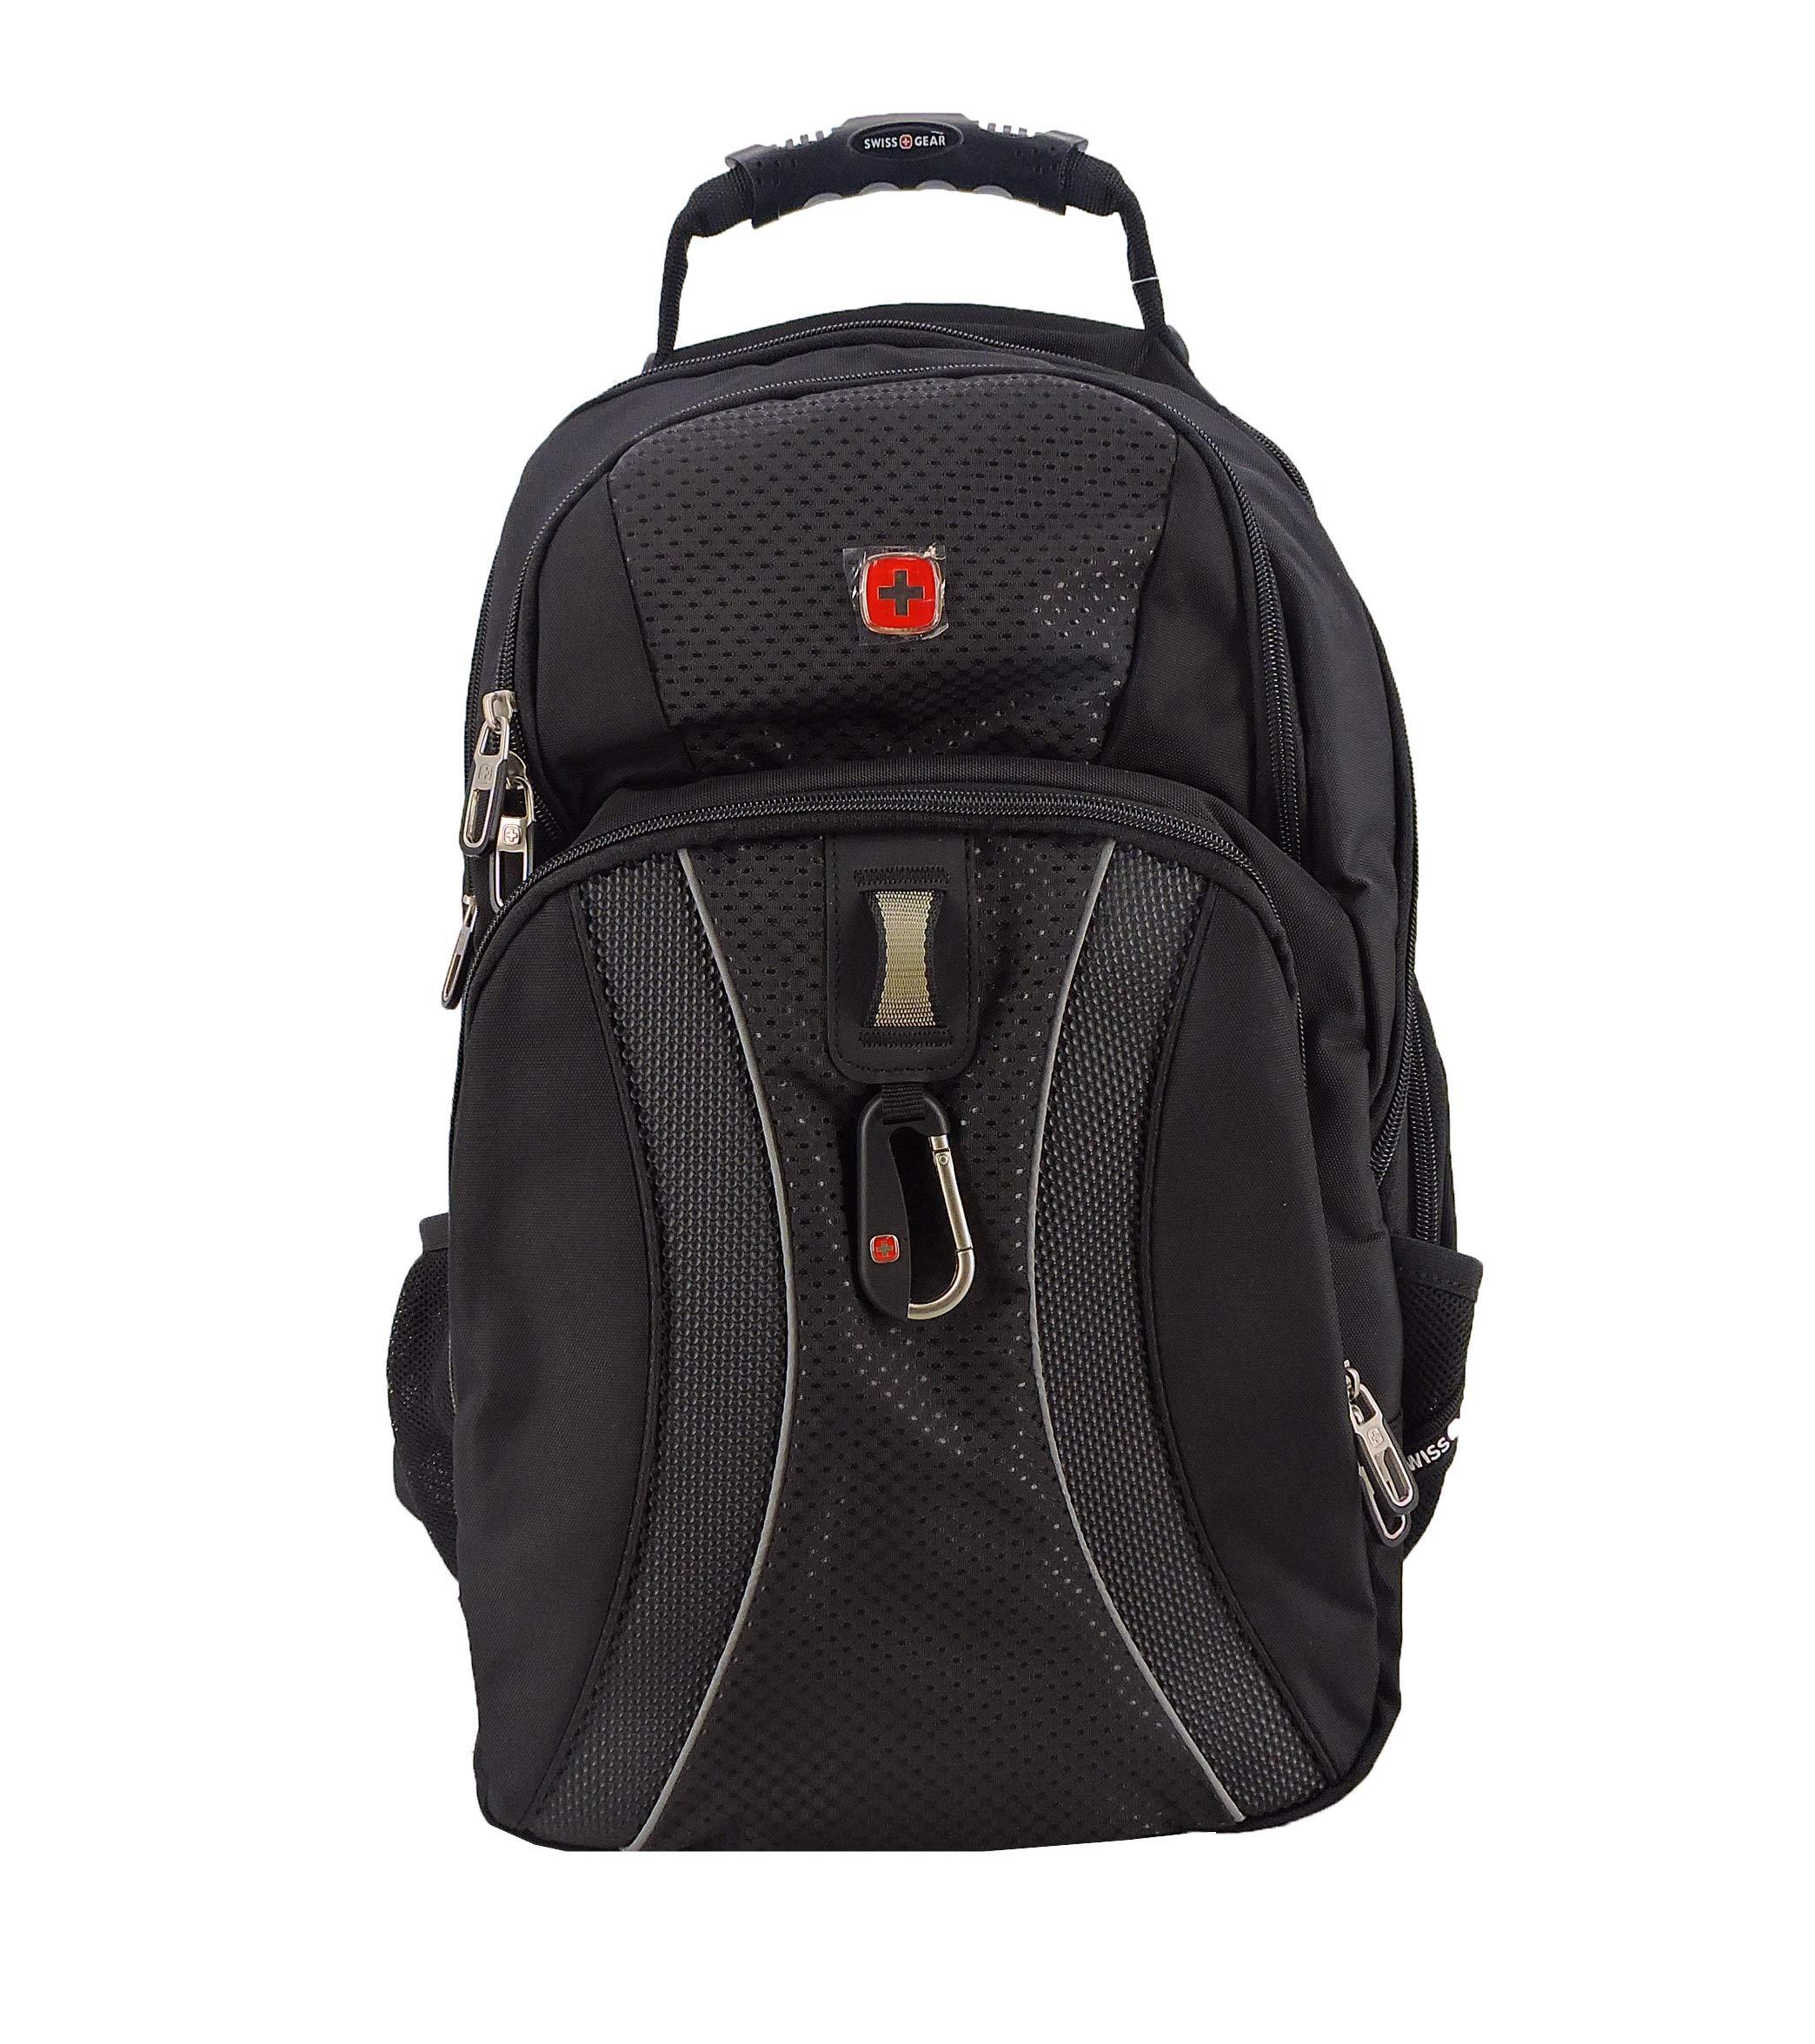 SWISSGEAR 1270 TSA friendly Scansmart Laptop Backpack School Work and Travel/Black by SwissGear